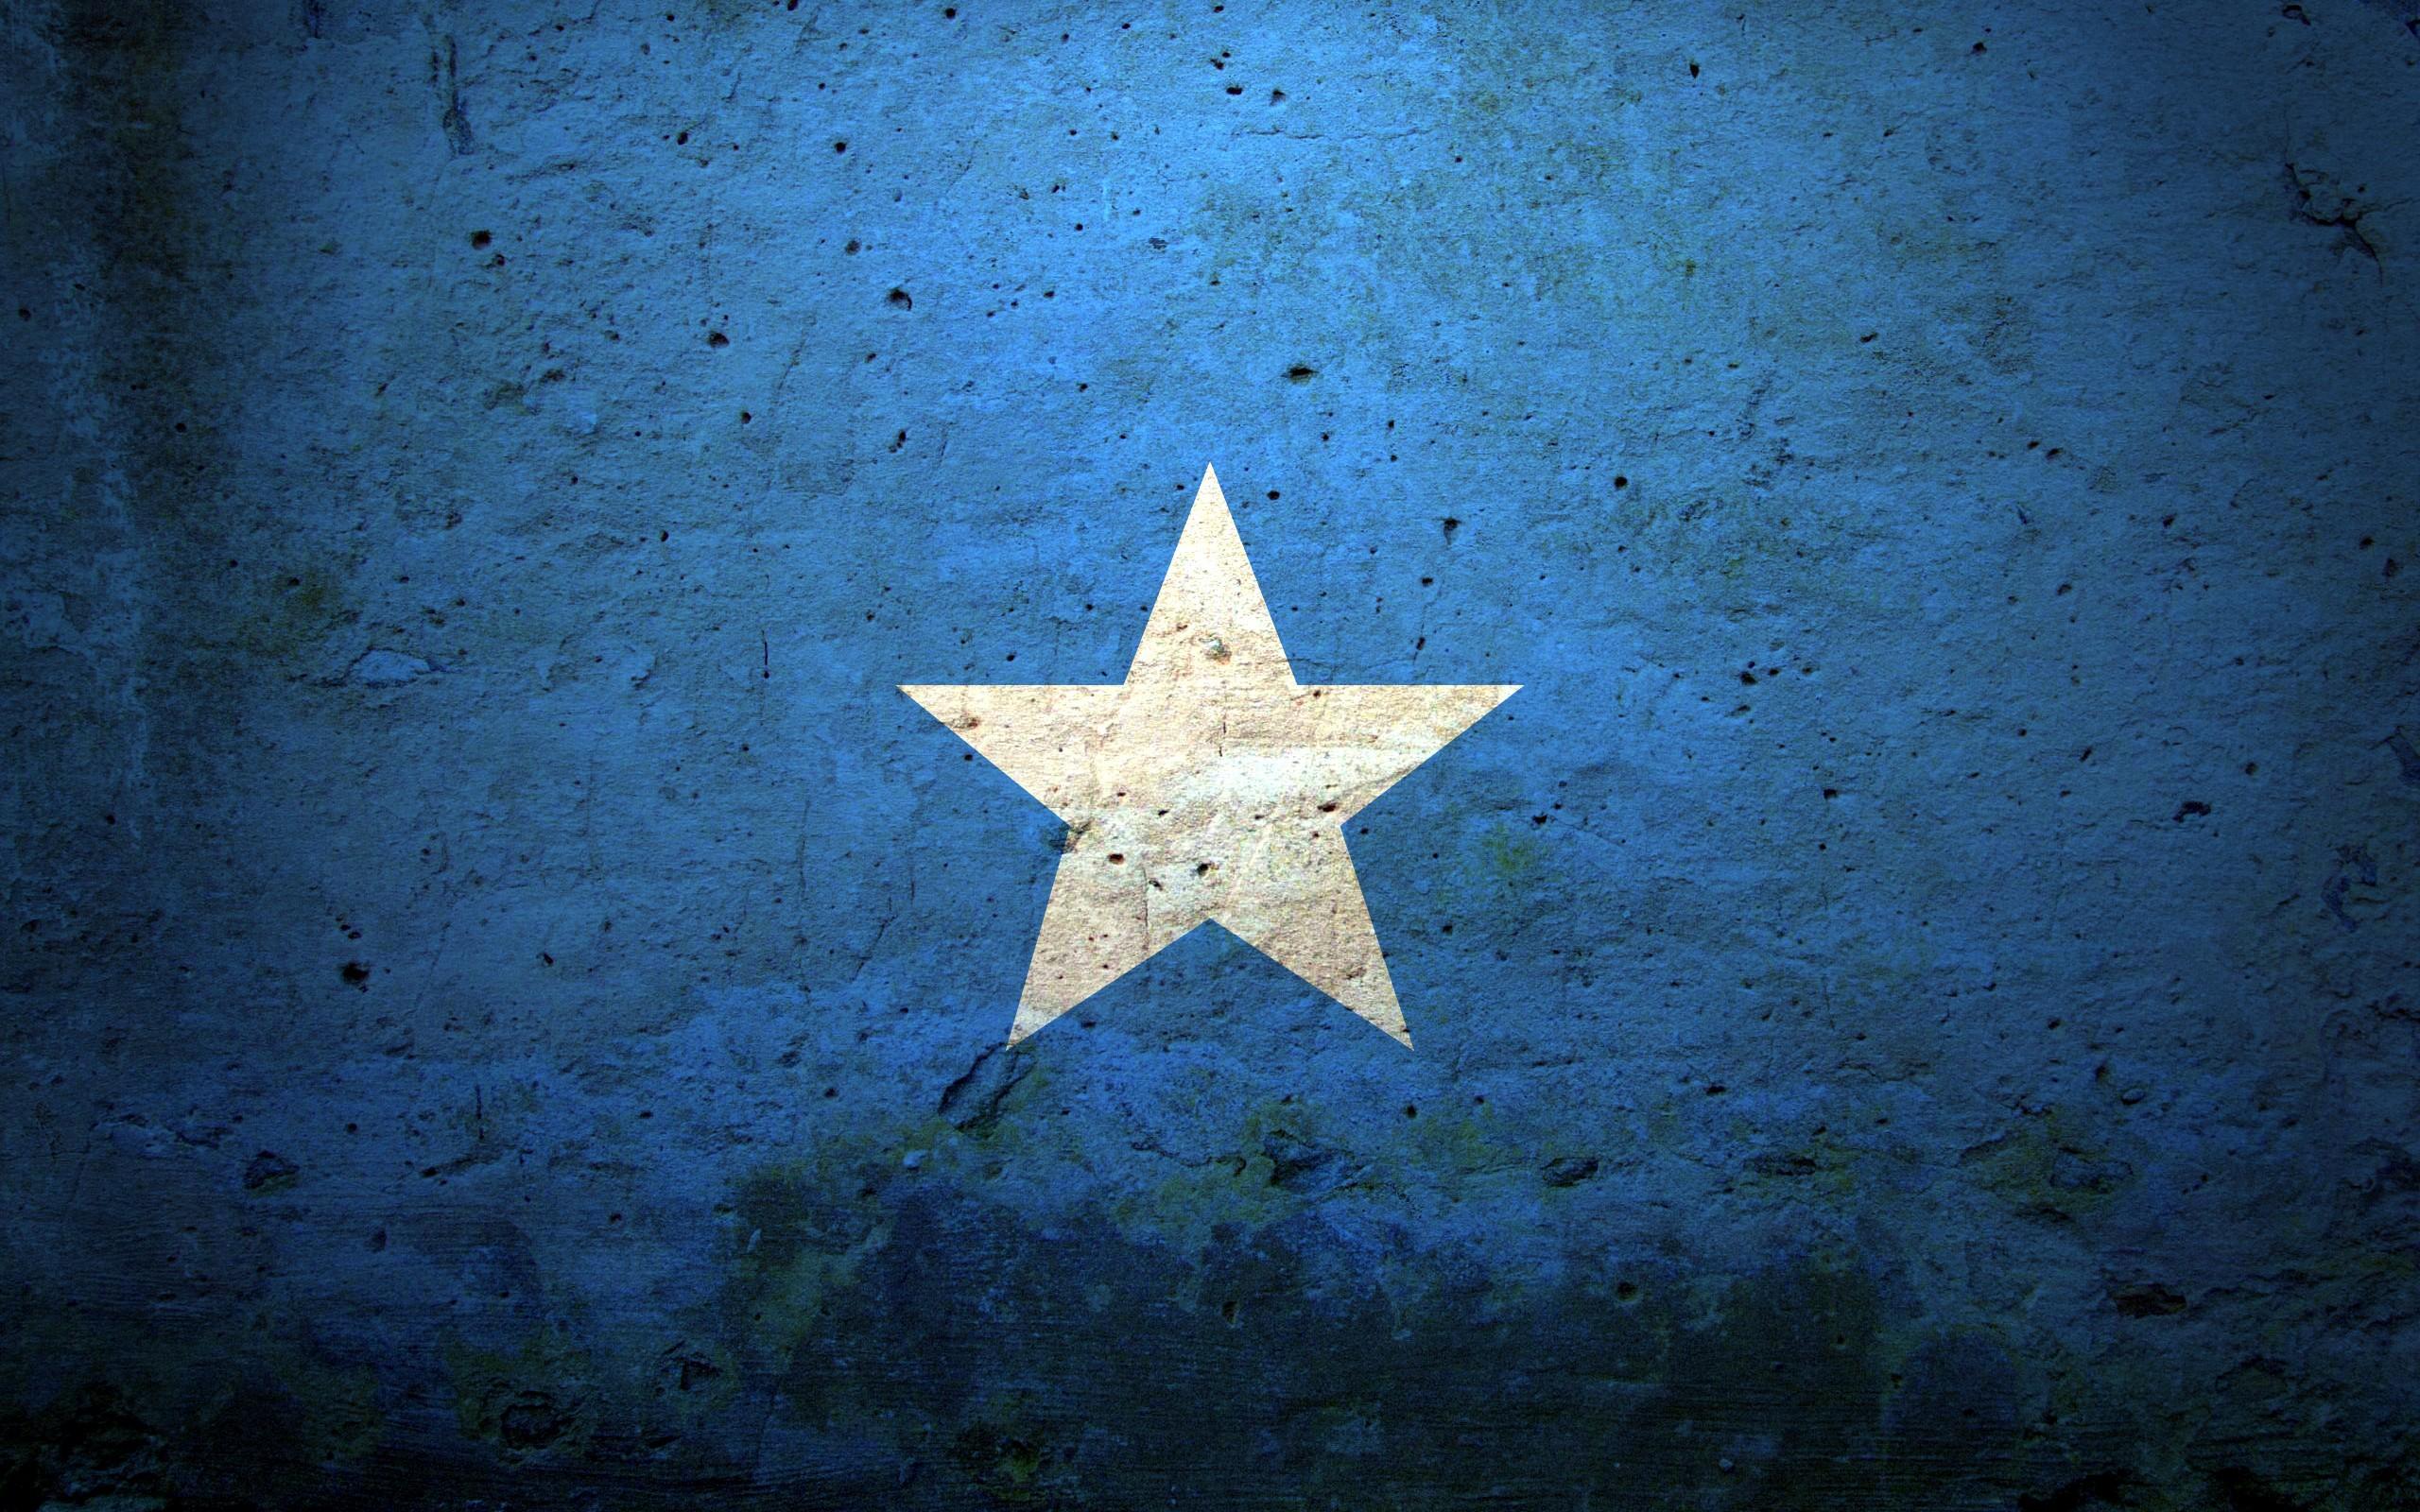 картинка звезда на синем фоне все присланное